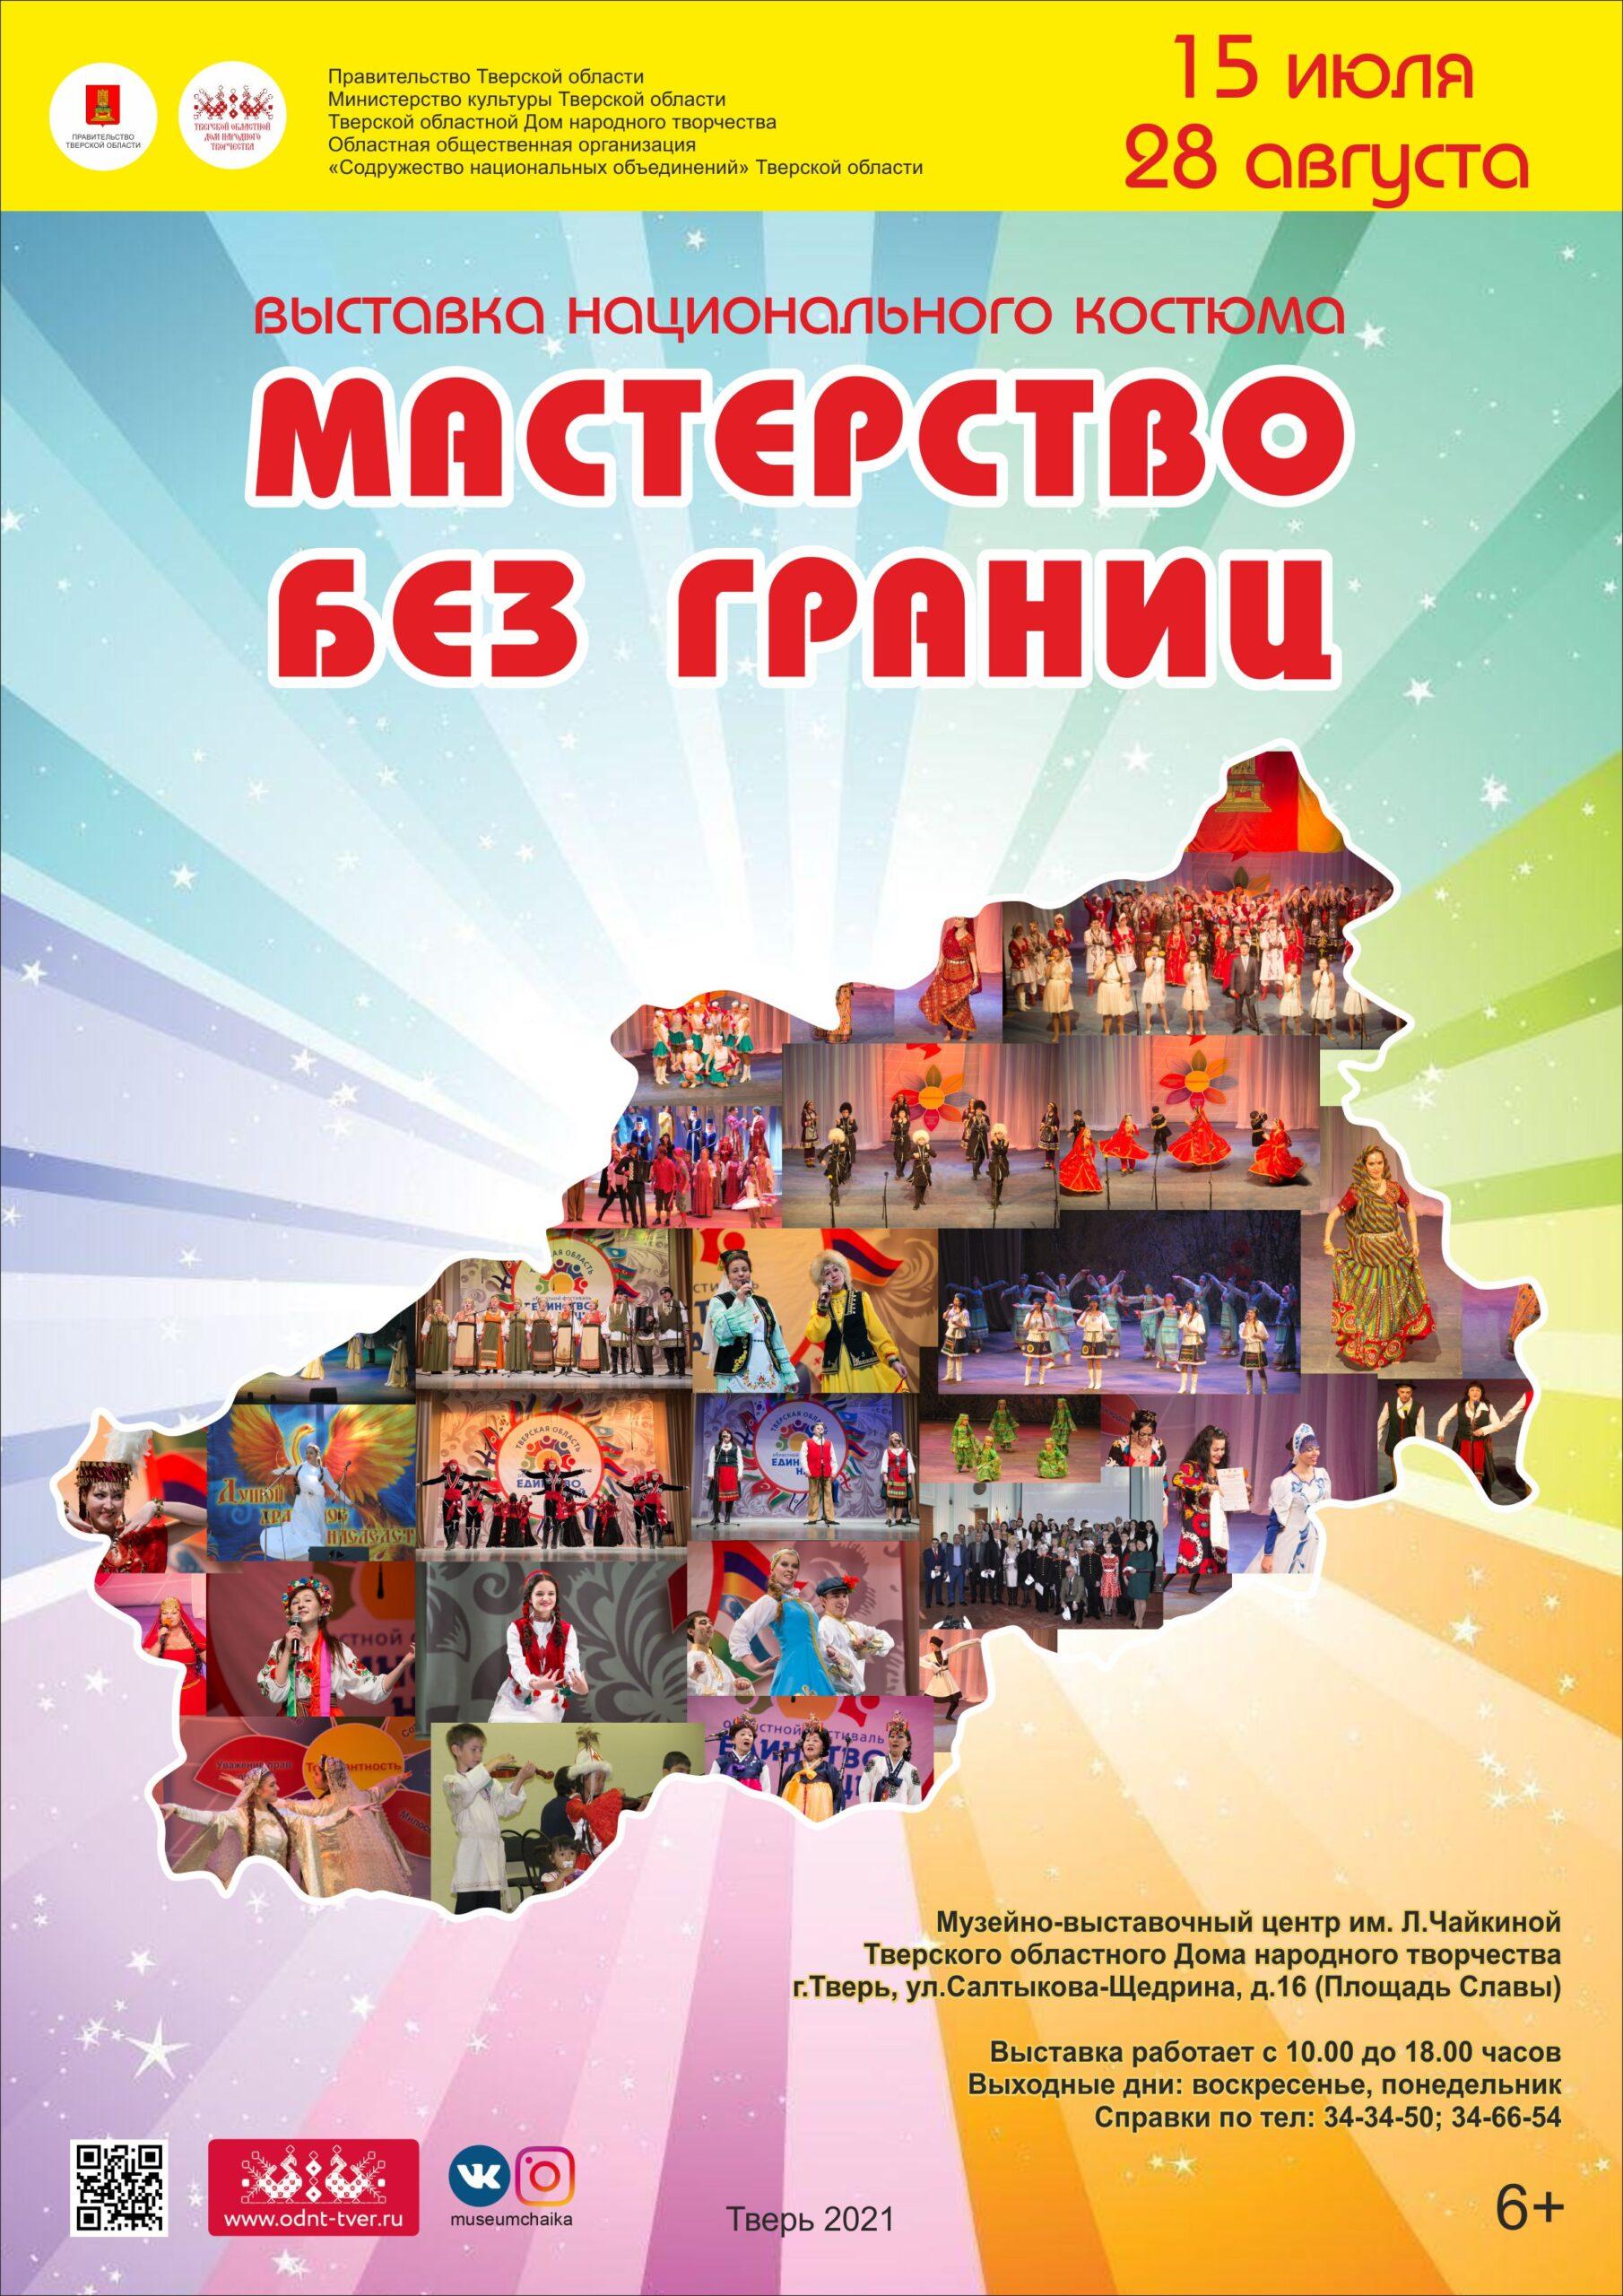 От пуговиц до шляп: в Твери открывается выставка национального костюма